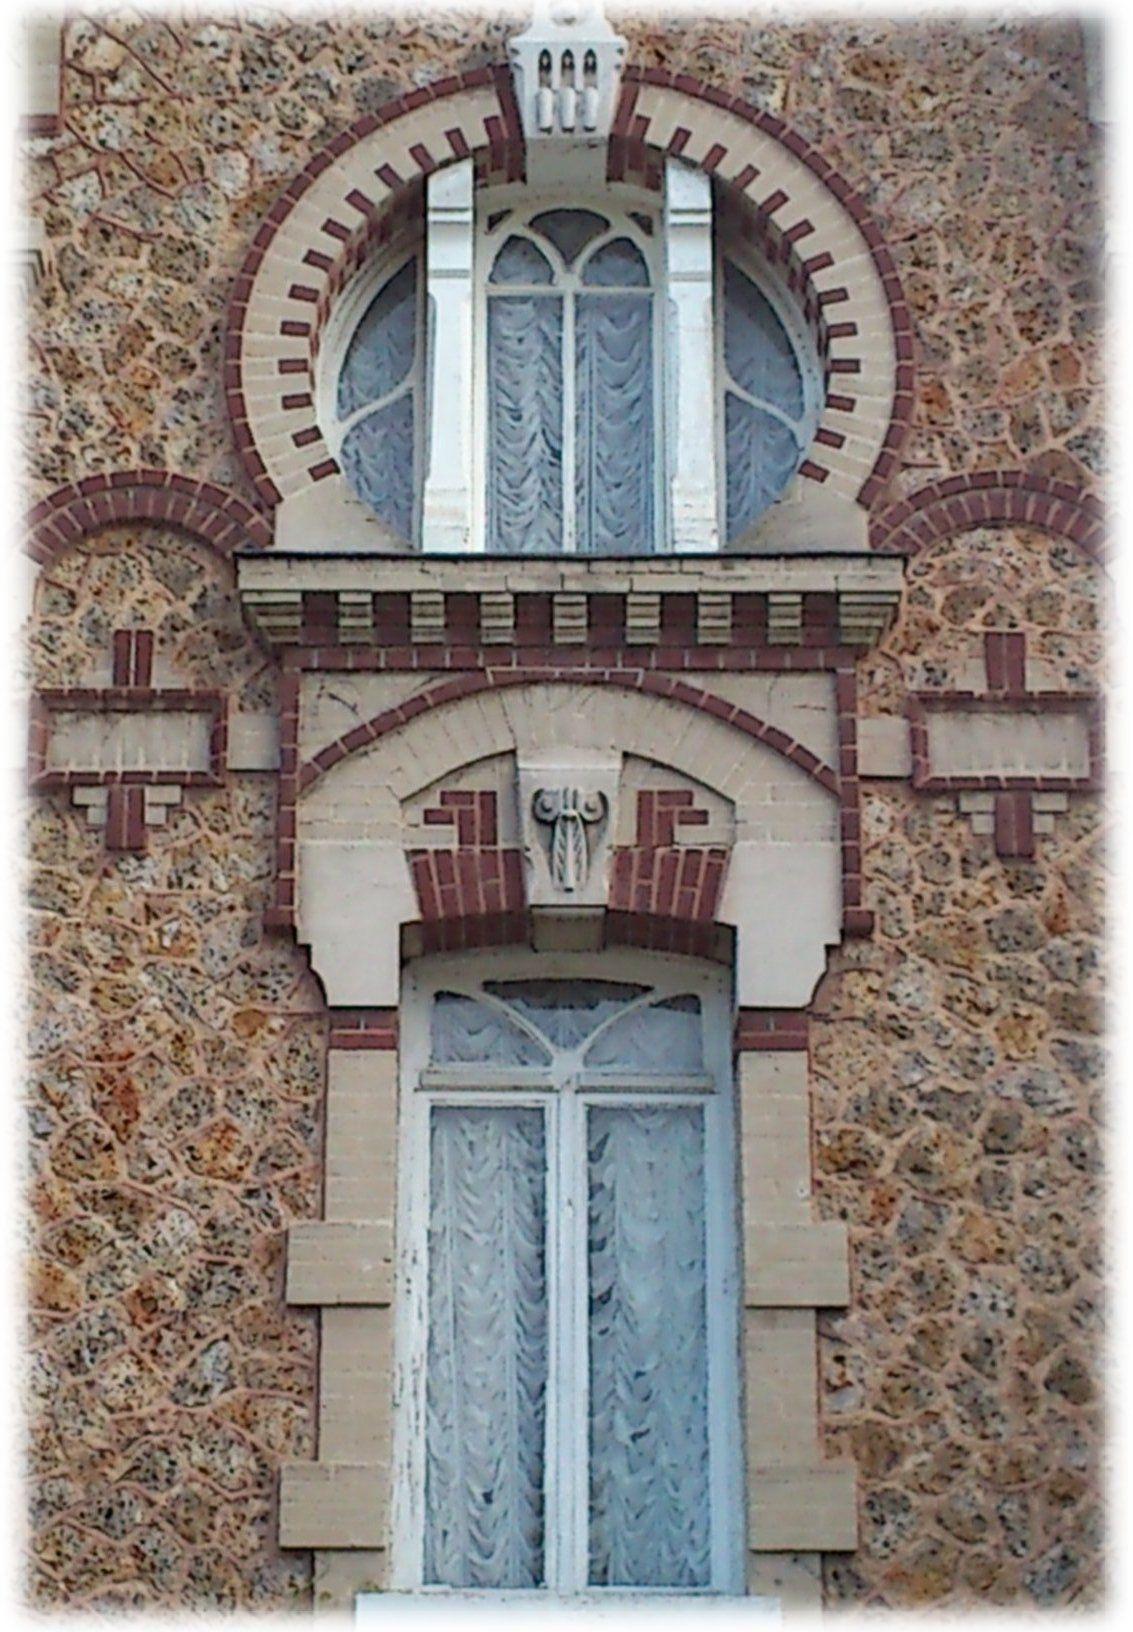 Fen tres art nouveau villa les lauriers 1906 pont de l 39 arche france 27340 portes for Fenetre villa